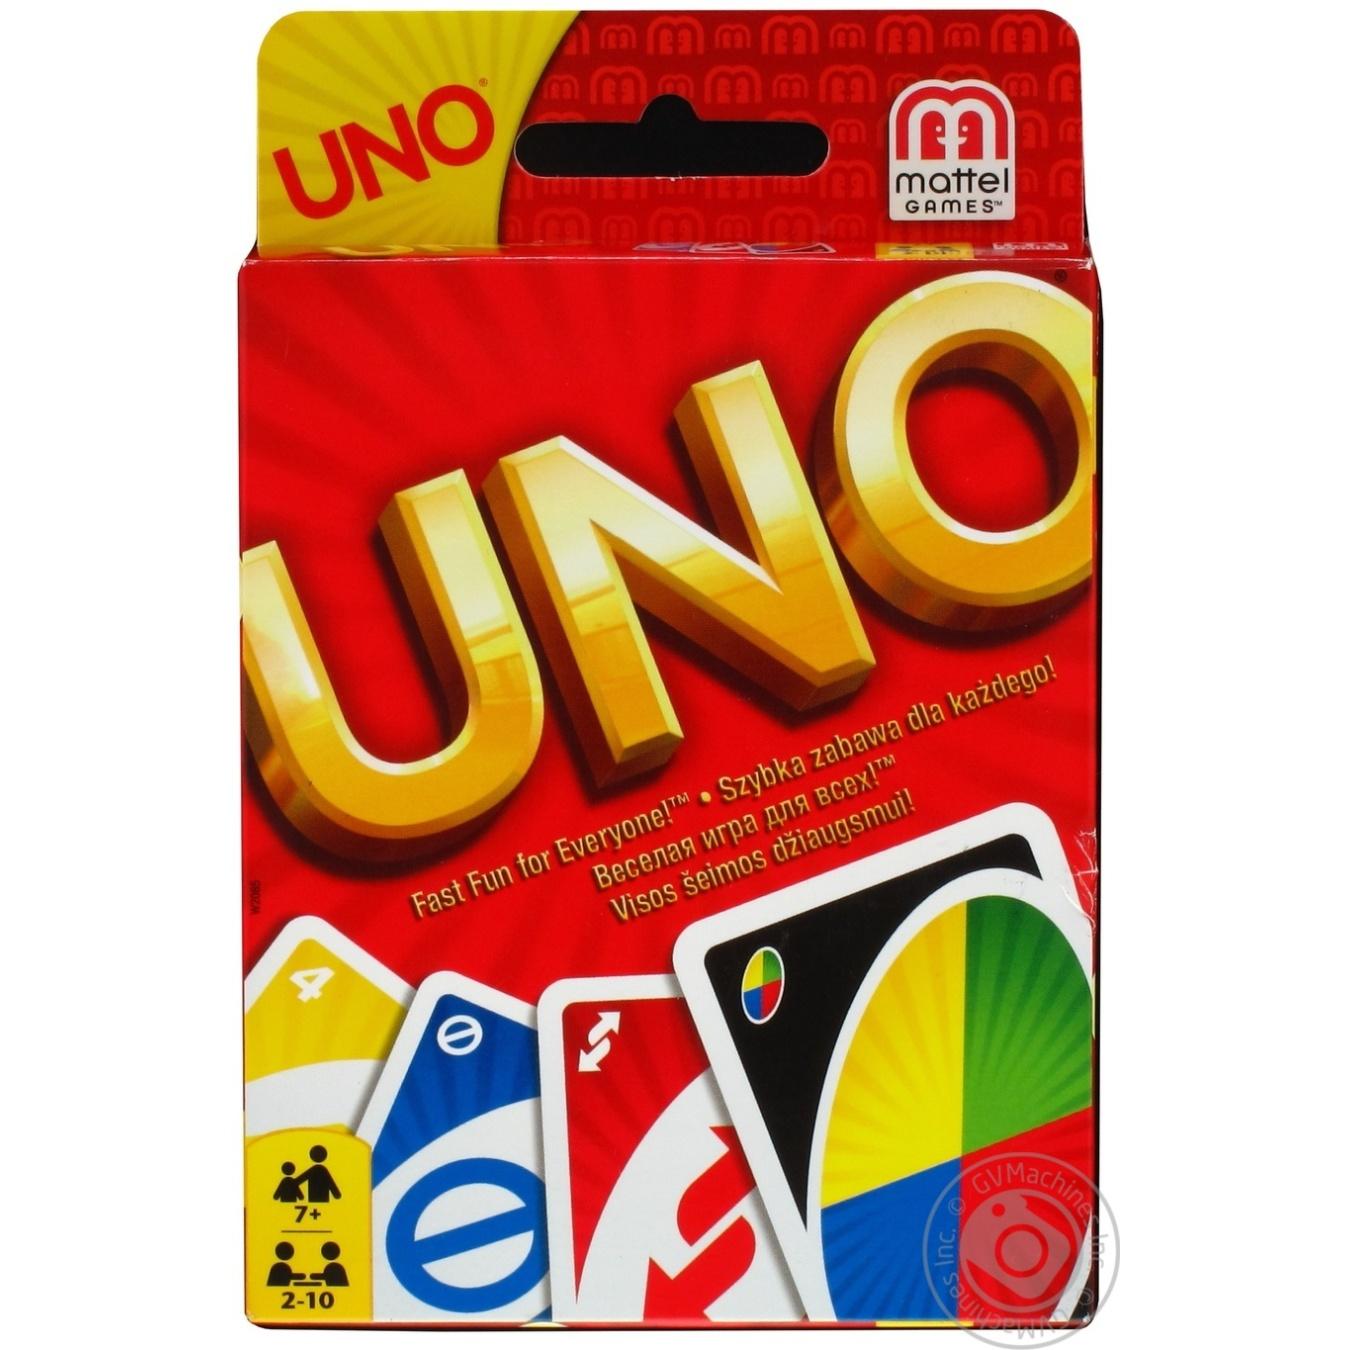 Игра карточная Uno